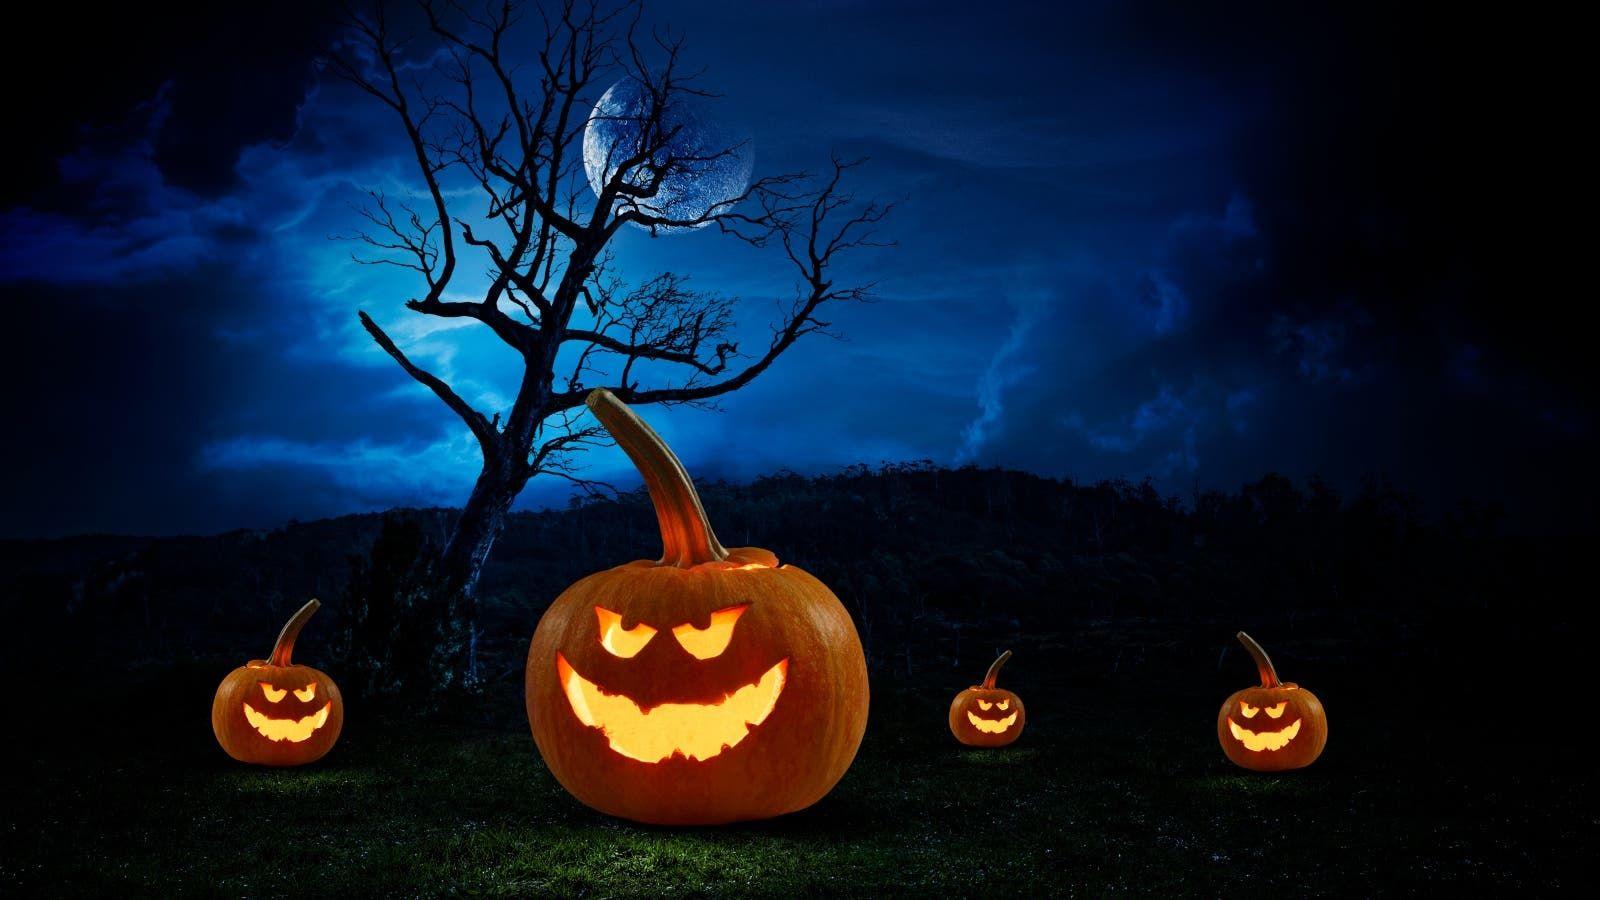 انضموا إلى حفلة هالوين قرب المسبح في ميليا ديزرت بالم دبي Pumpkin Carving Carving Pumpkin